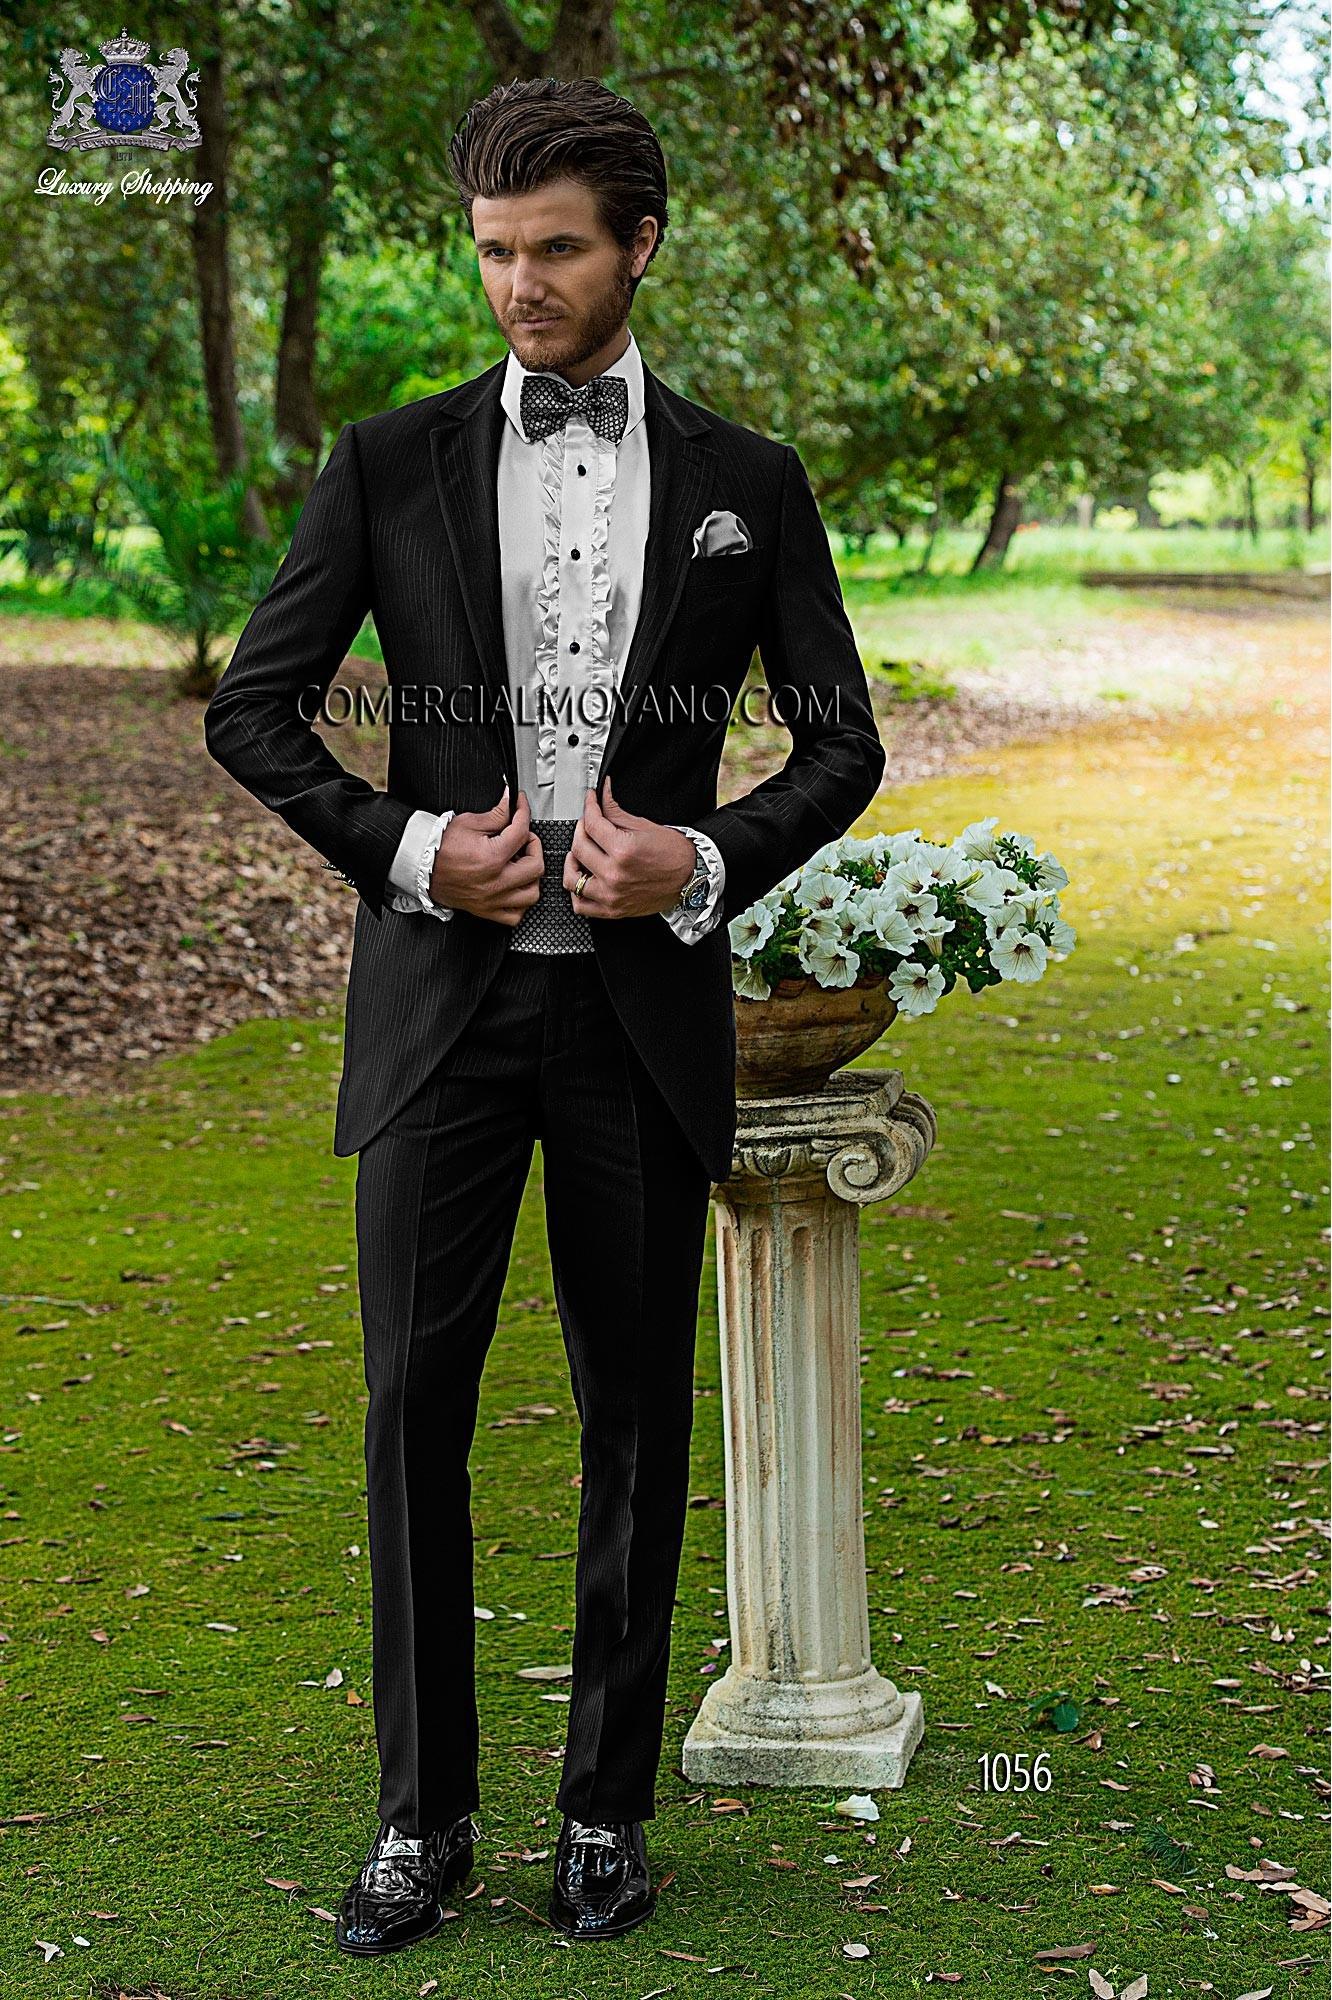 Fashion black men wedding suit model 1056 Ottavio Nuccio Gala